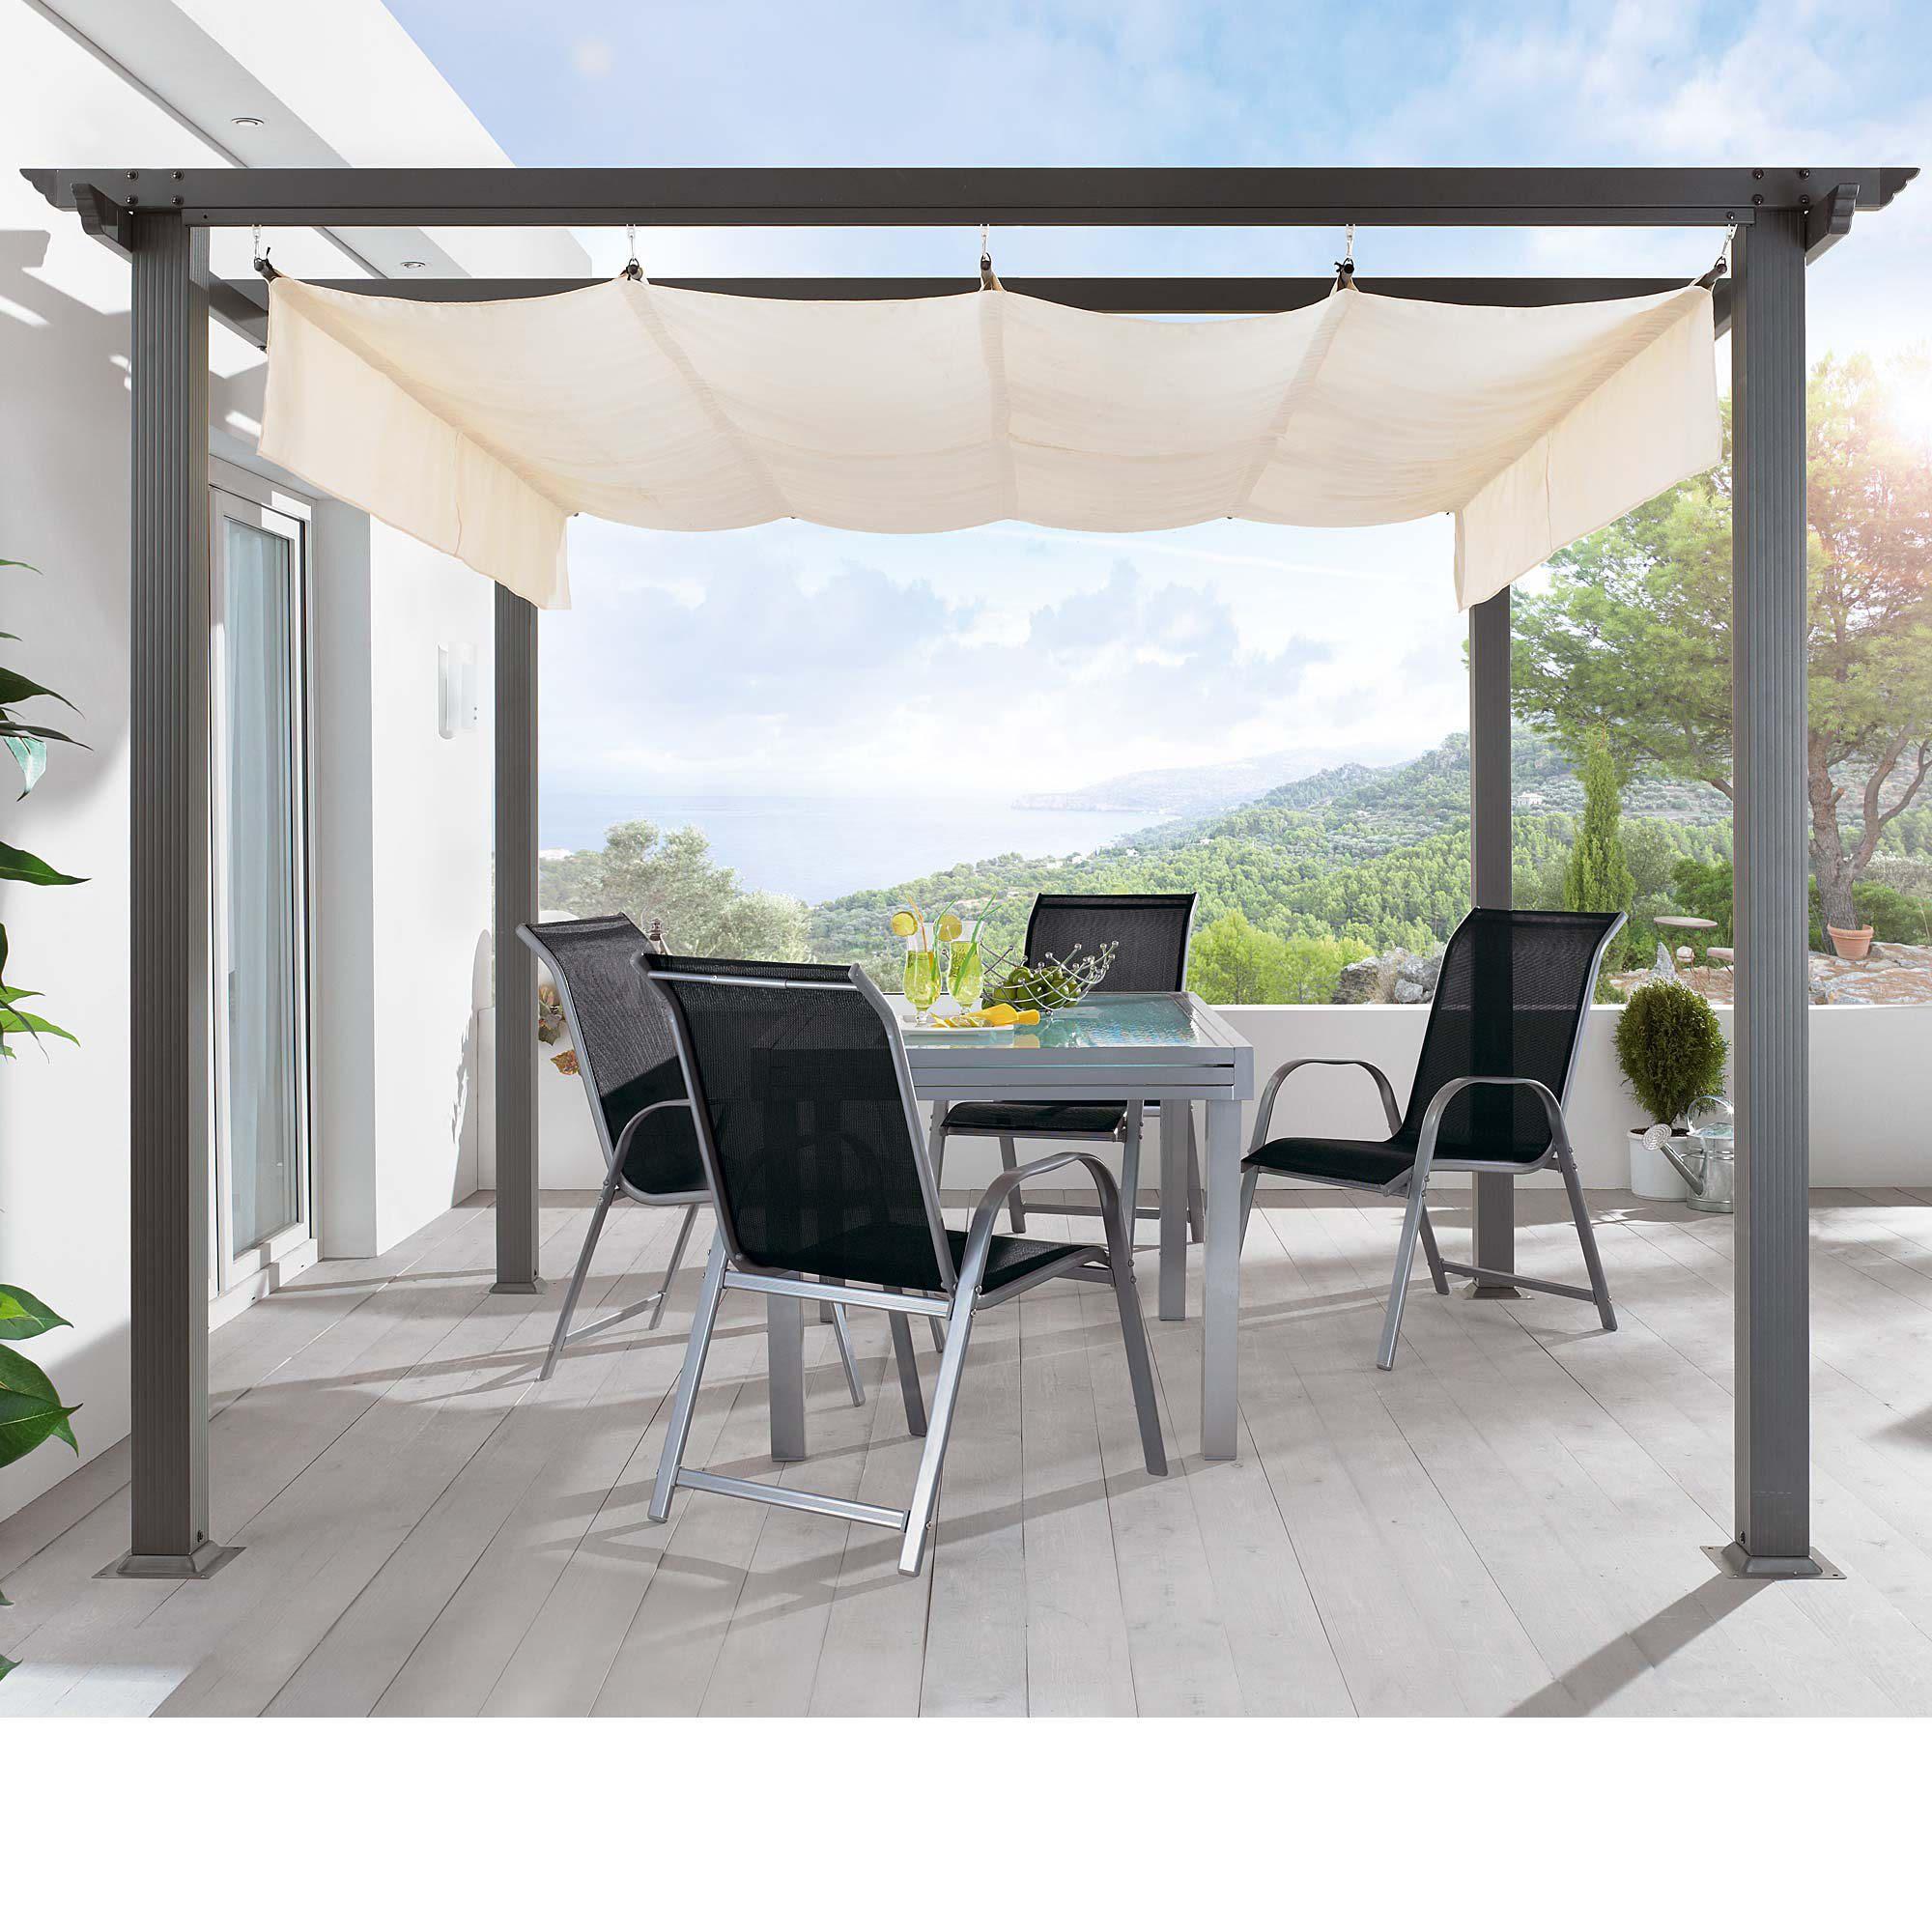 Design-pergola, Pulverbeschichtetes Aluminium, Dach: 100% Polyester Gemusegarten Auf Dem Dach